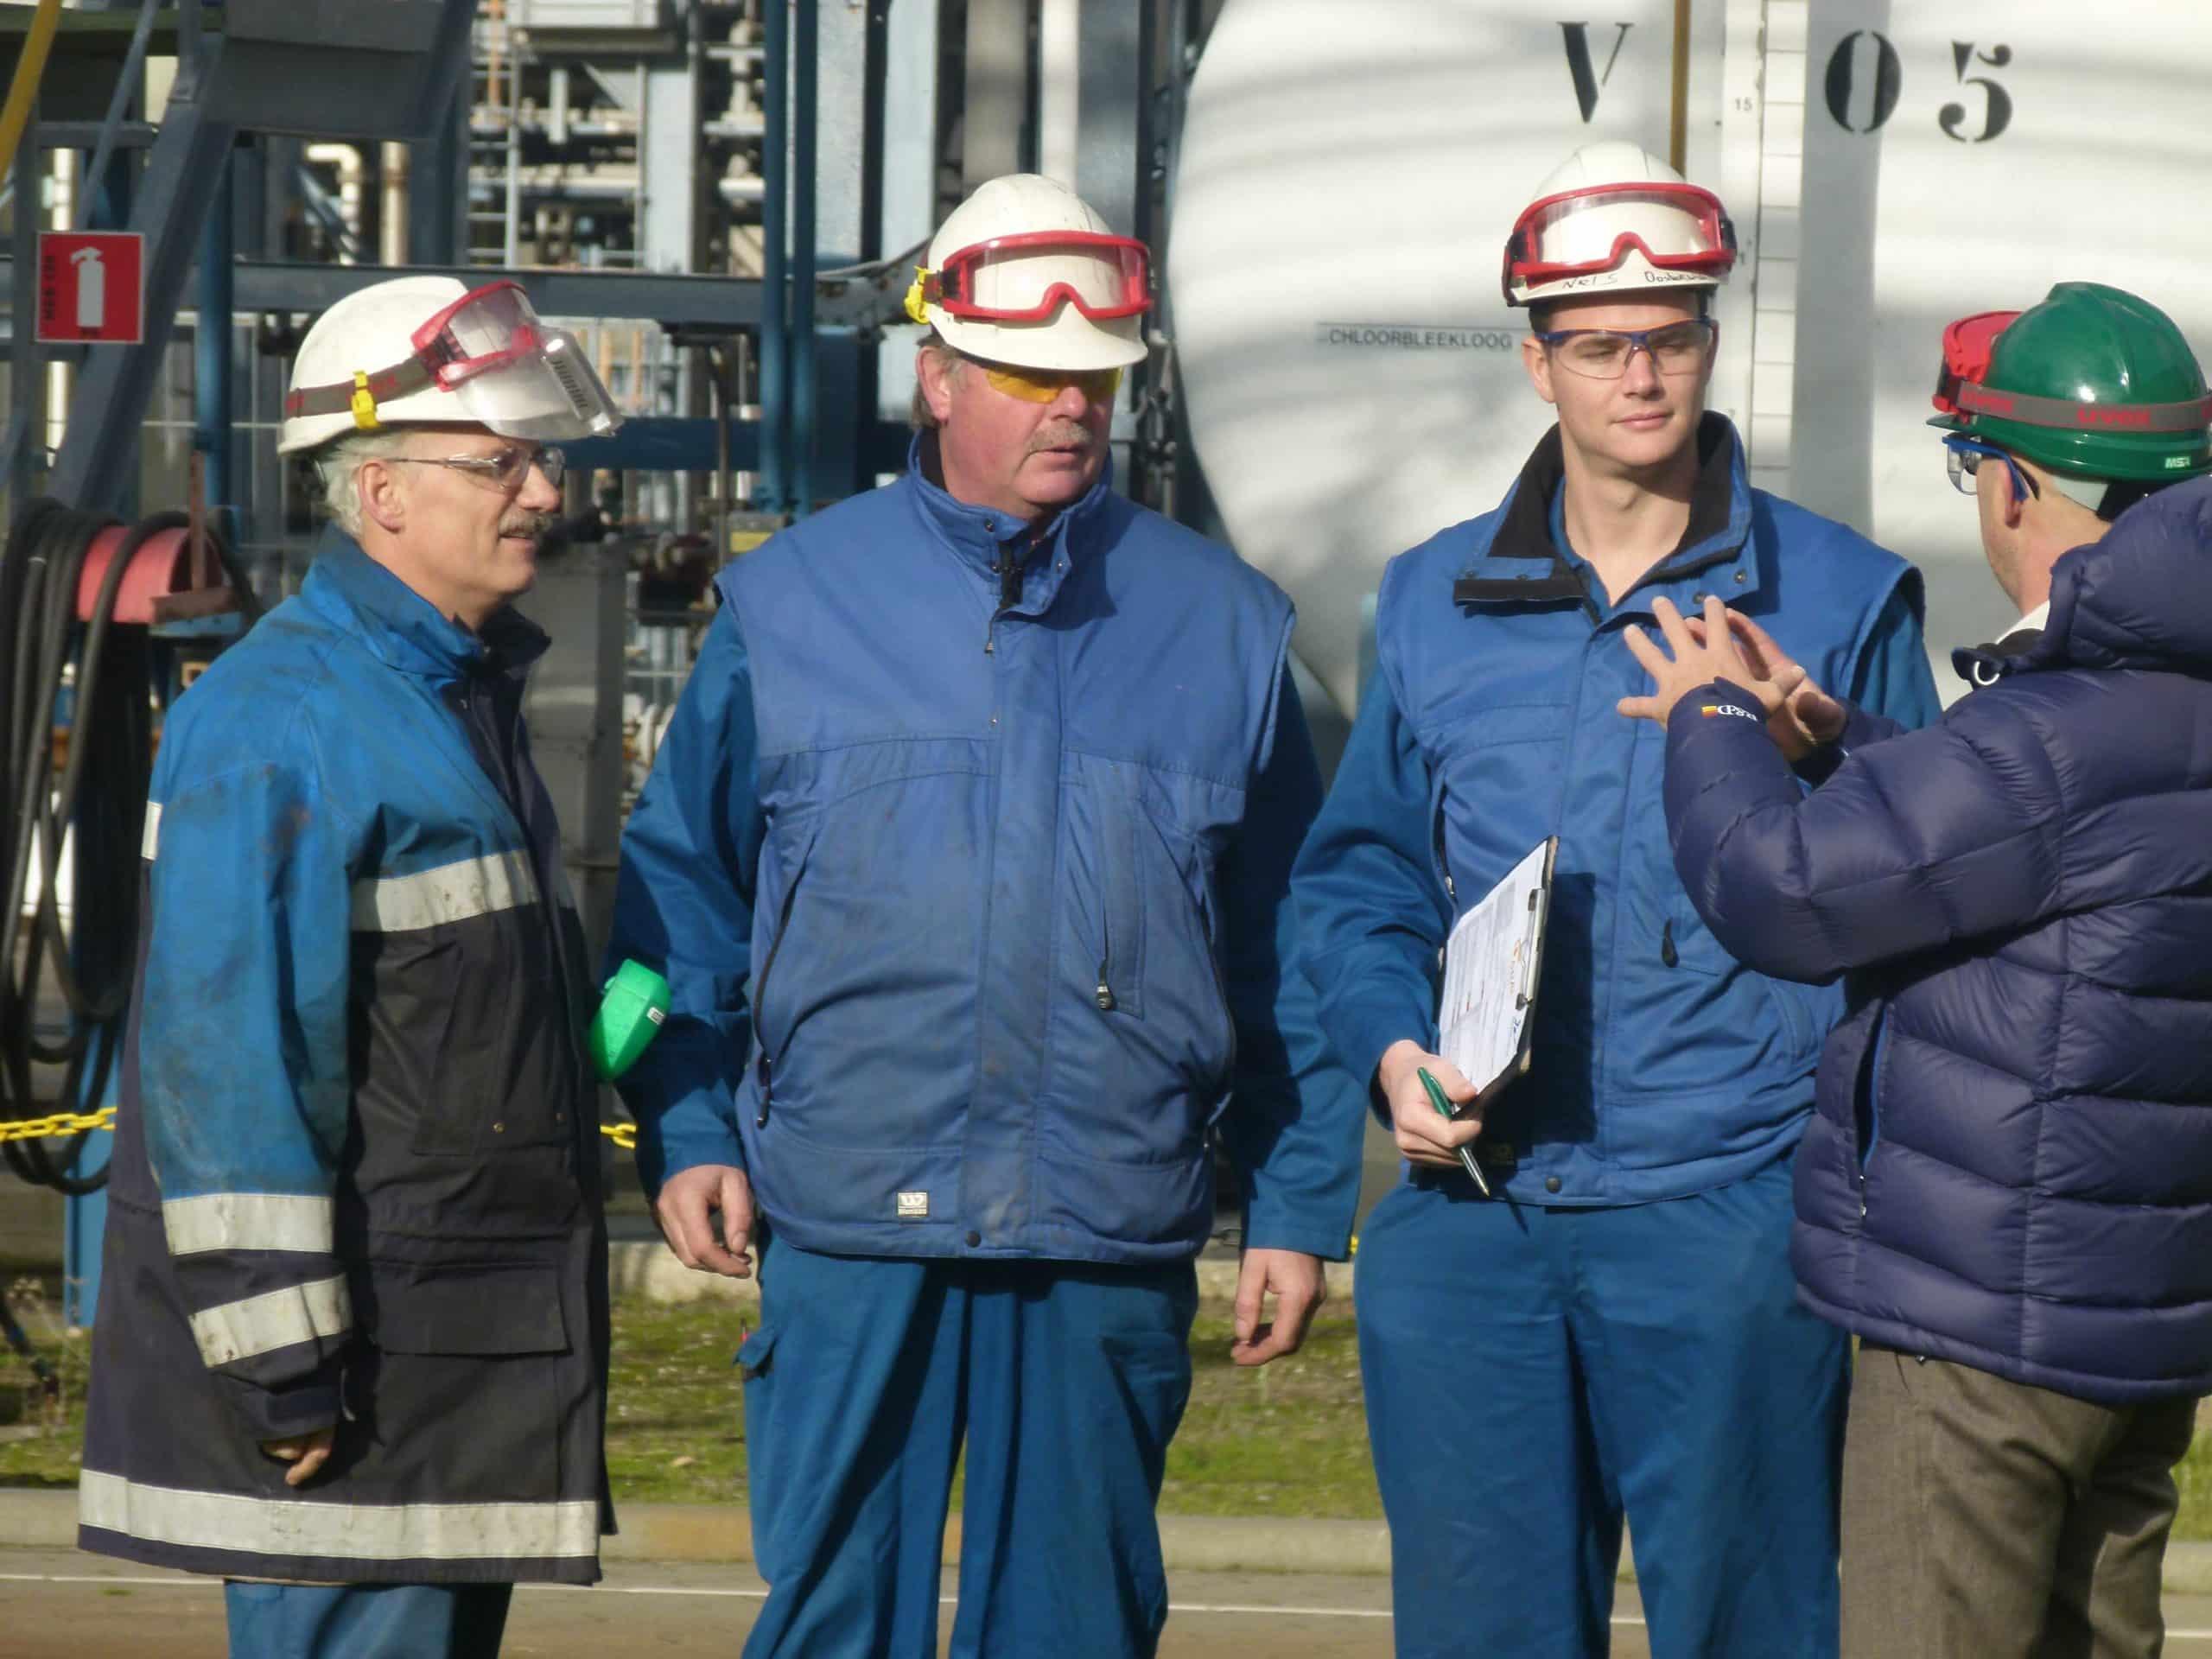 Salmay medewerker geeft veiligheidsinstructies